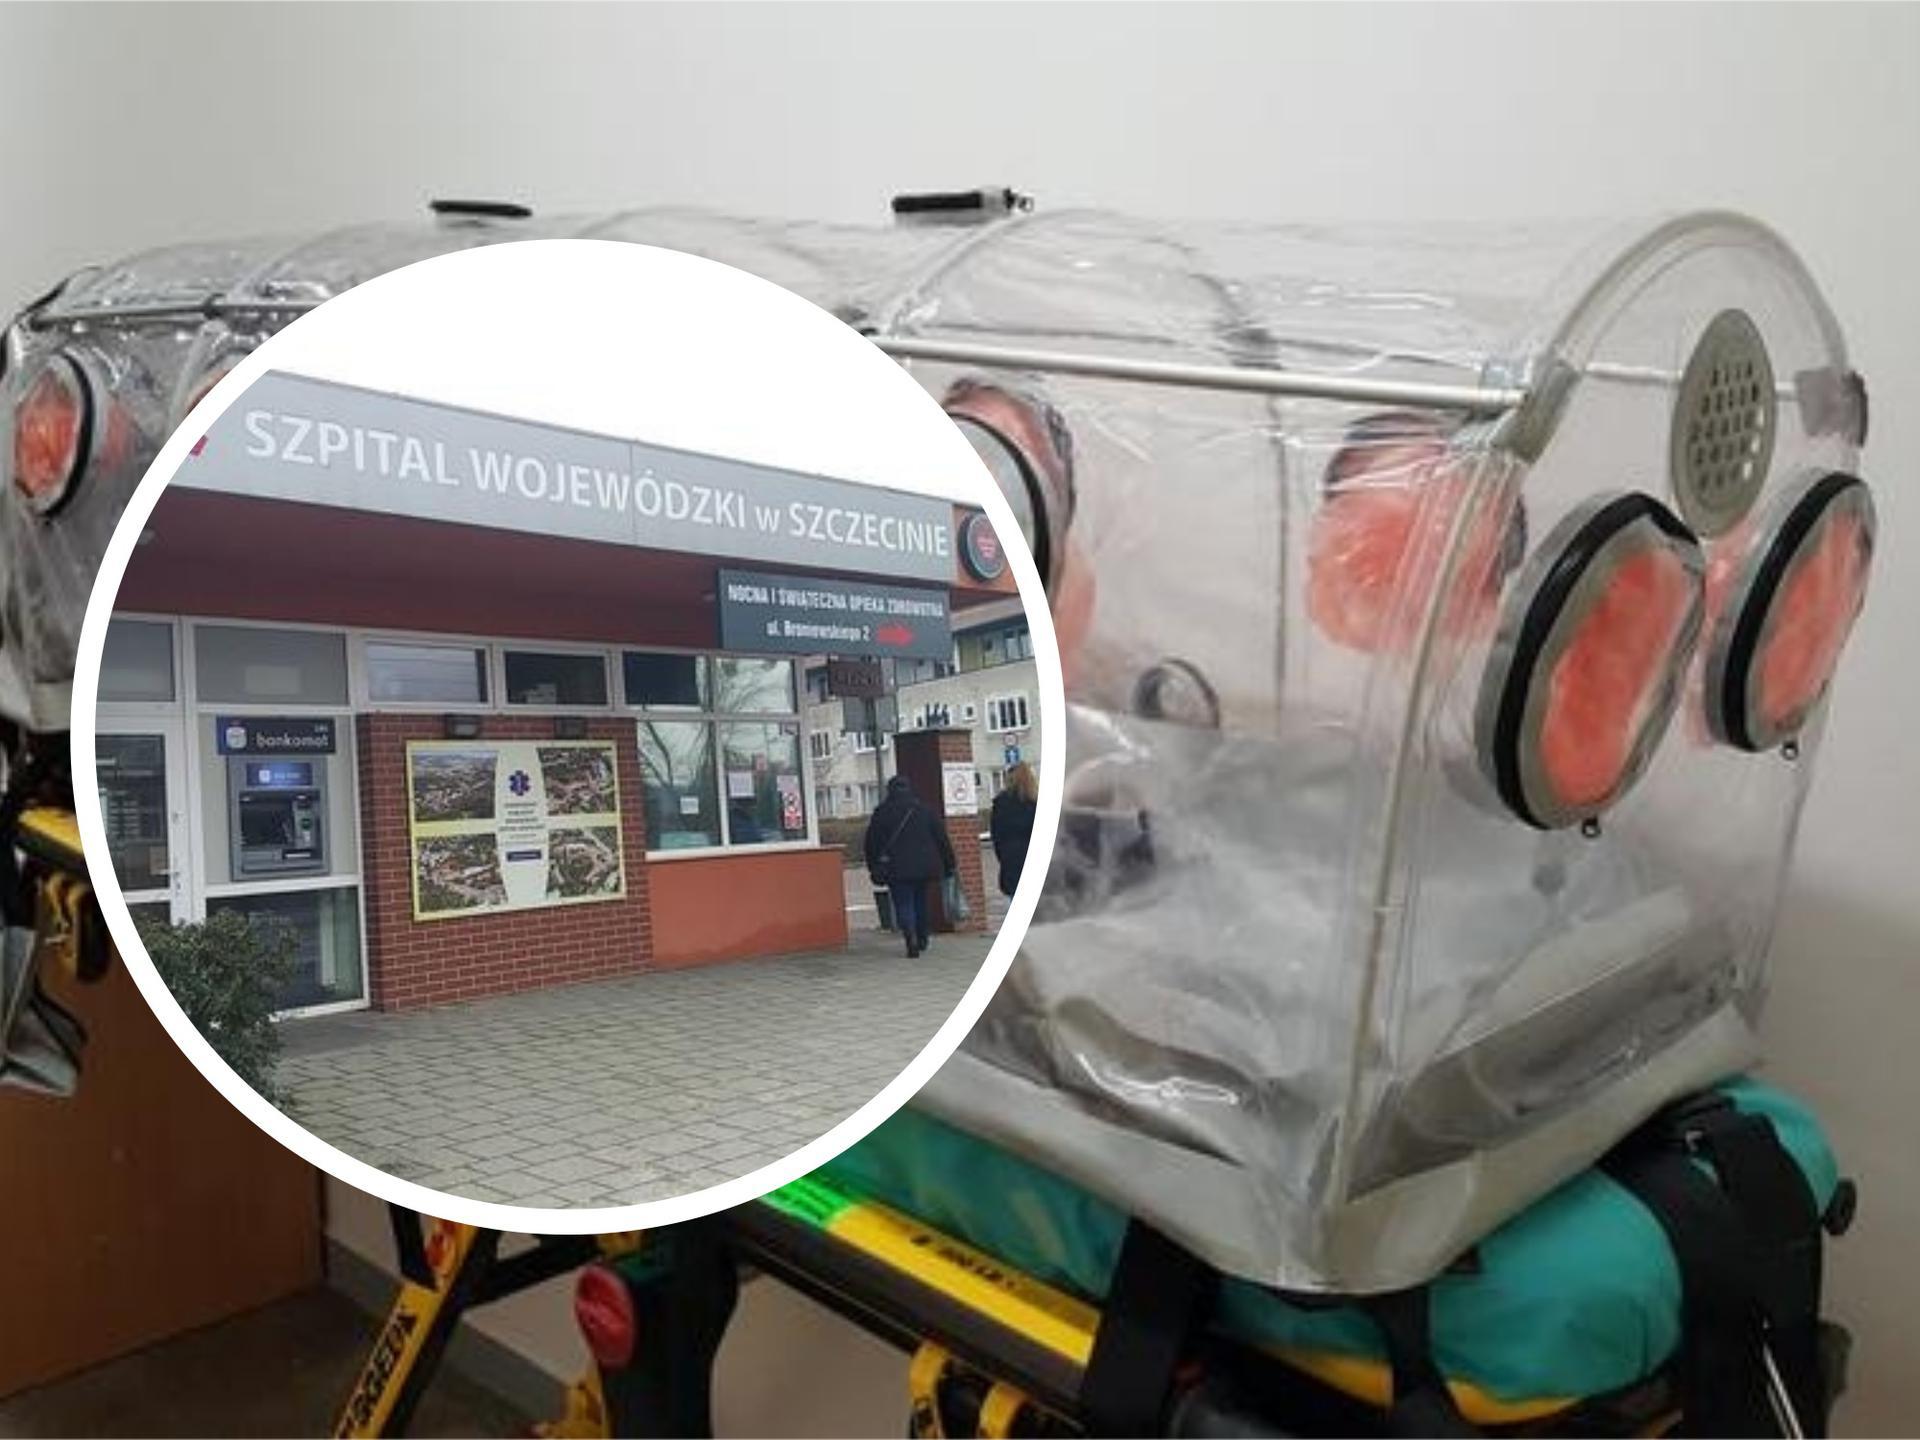 Koronawirus w Polsce? Kolejny pacjent trafił do szczecińskiego szpitala - Super Express